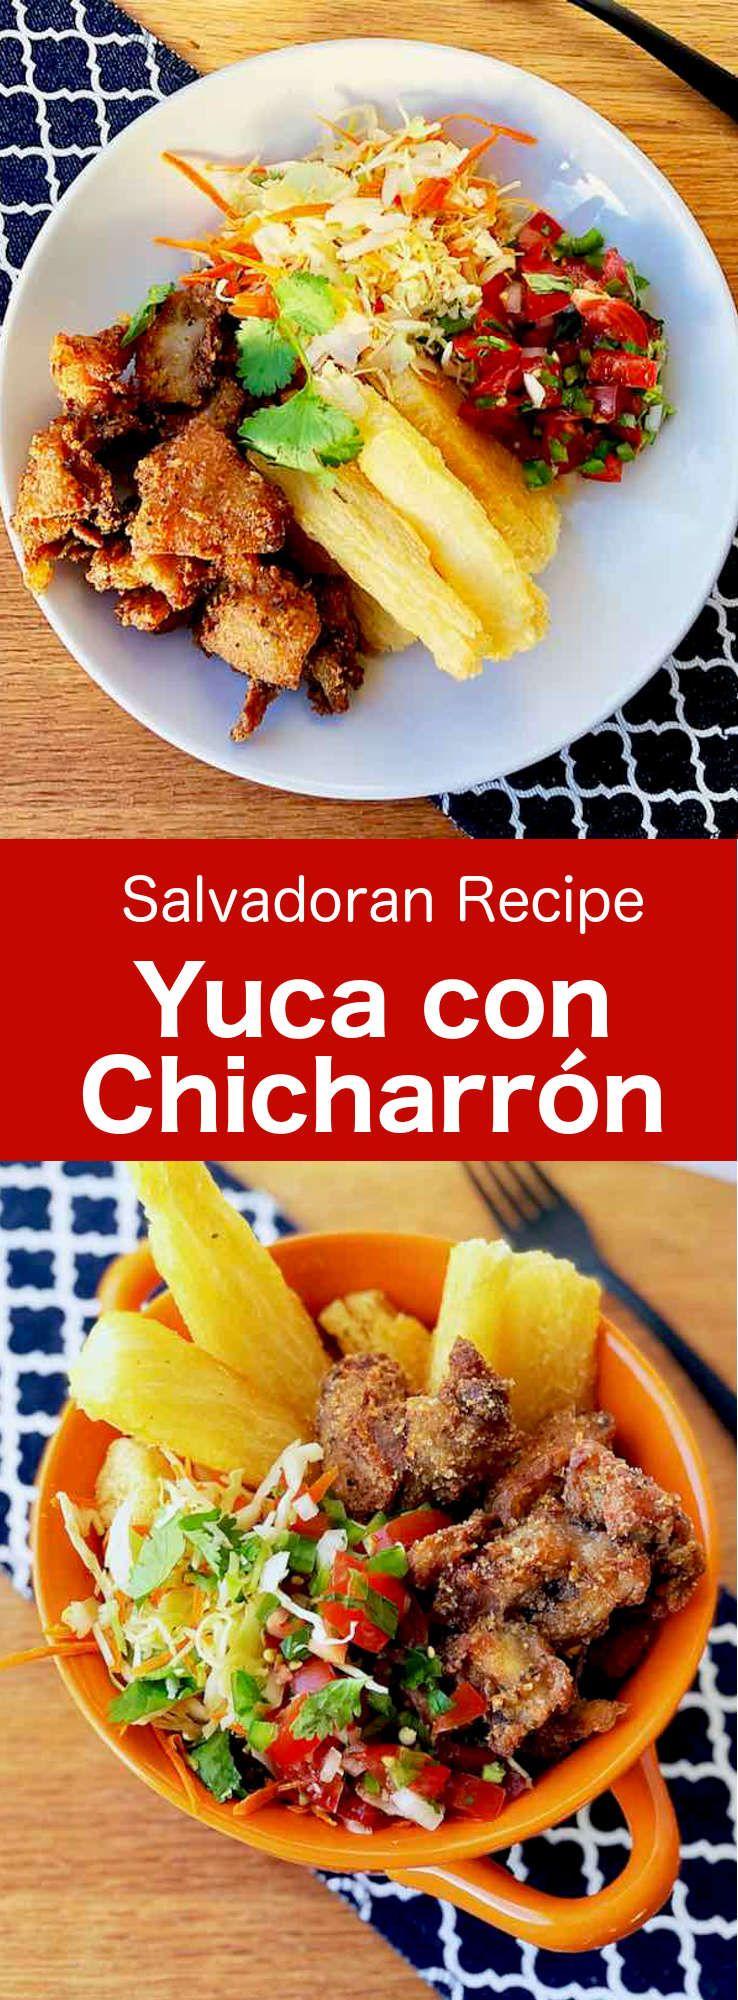 El Salvador: Yuca con Chicharrón